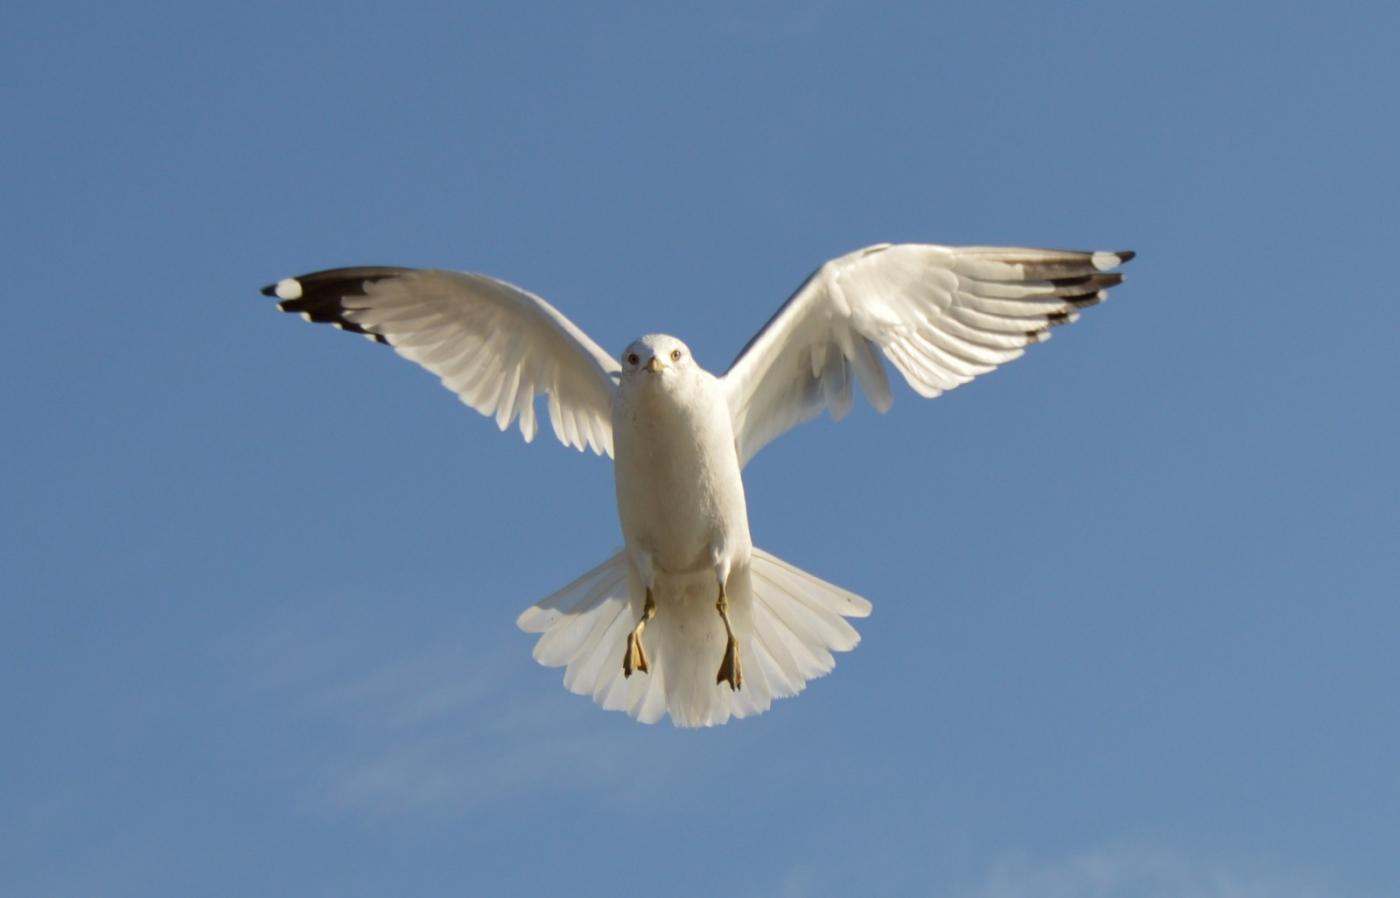 海鸥飞翔_图1-3